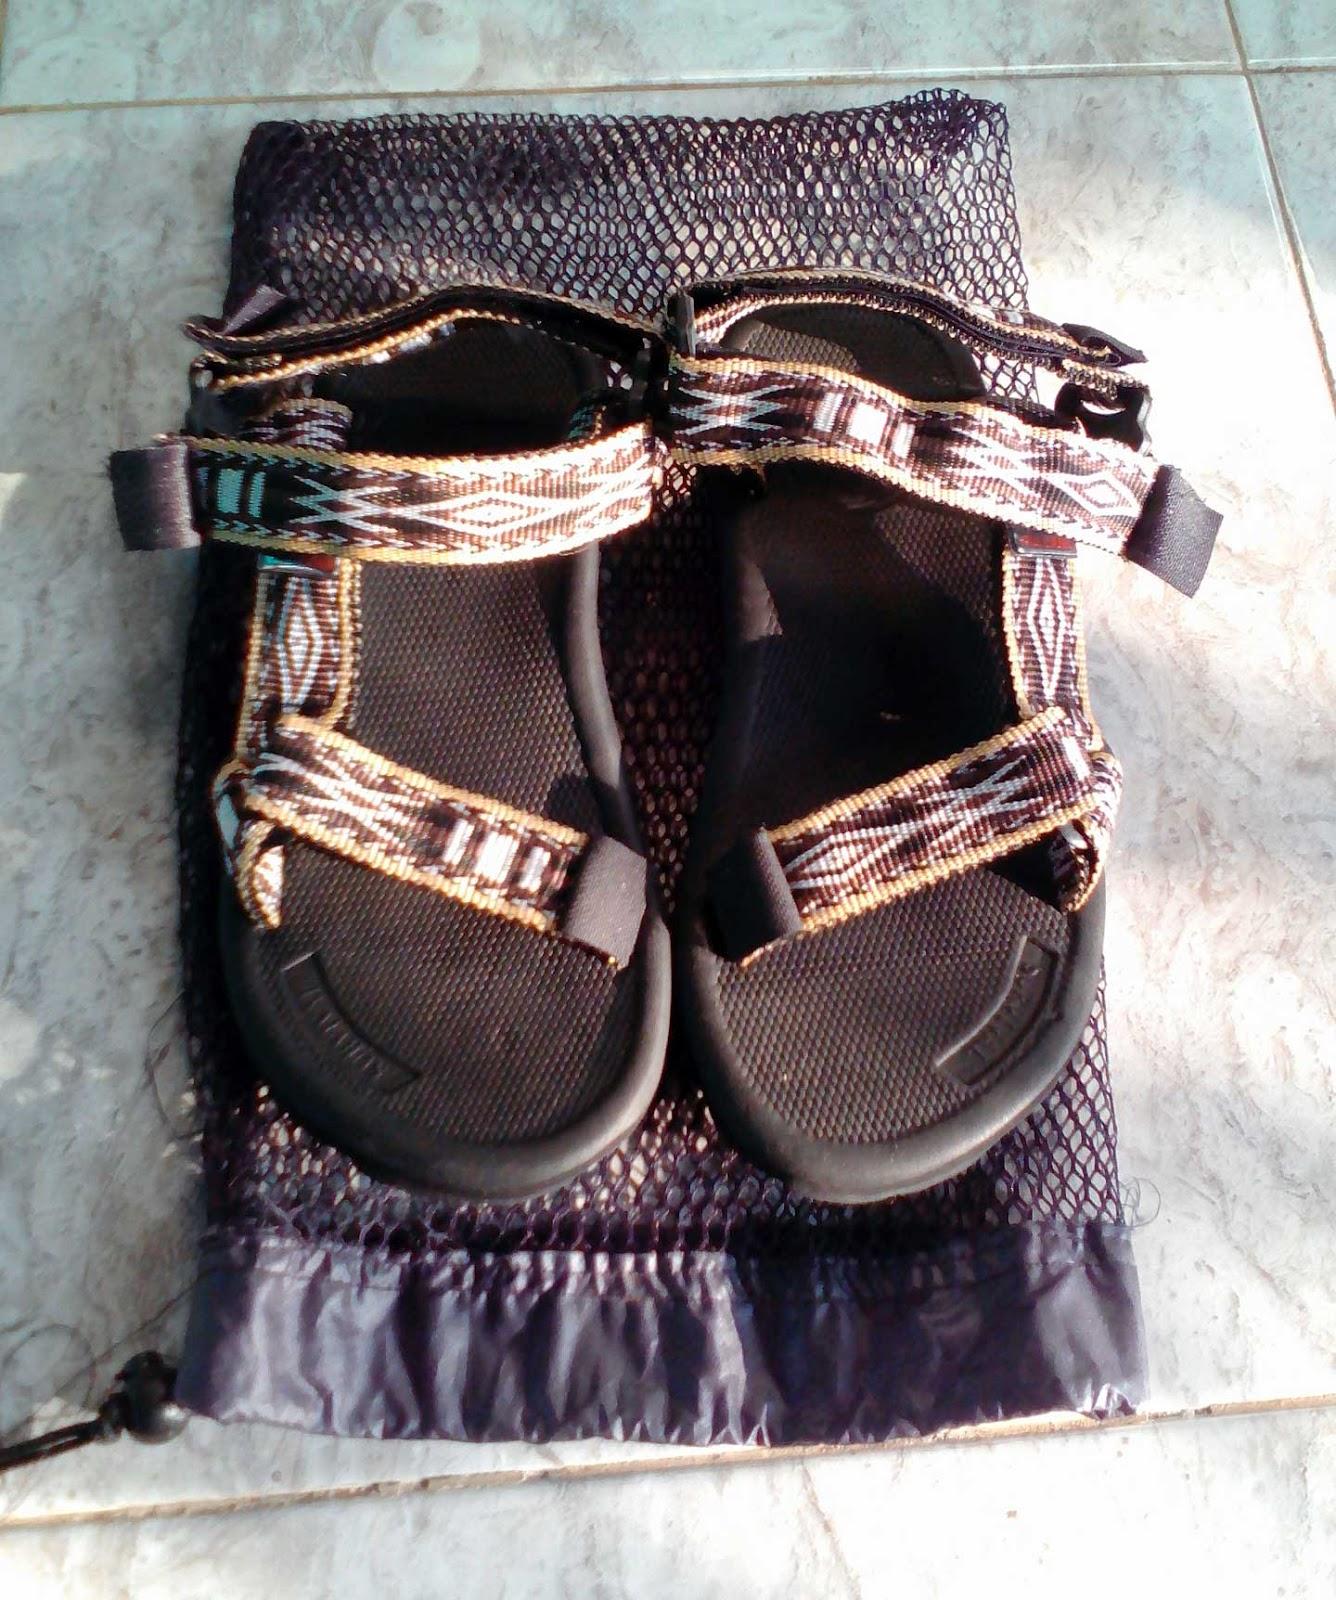 Produsen sandal jepit distro Bandung